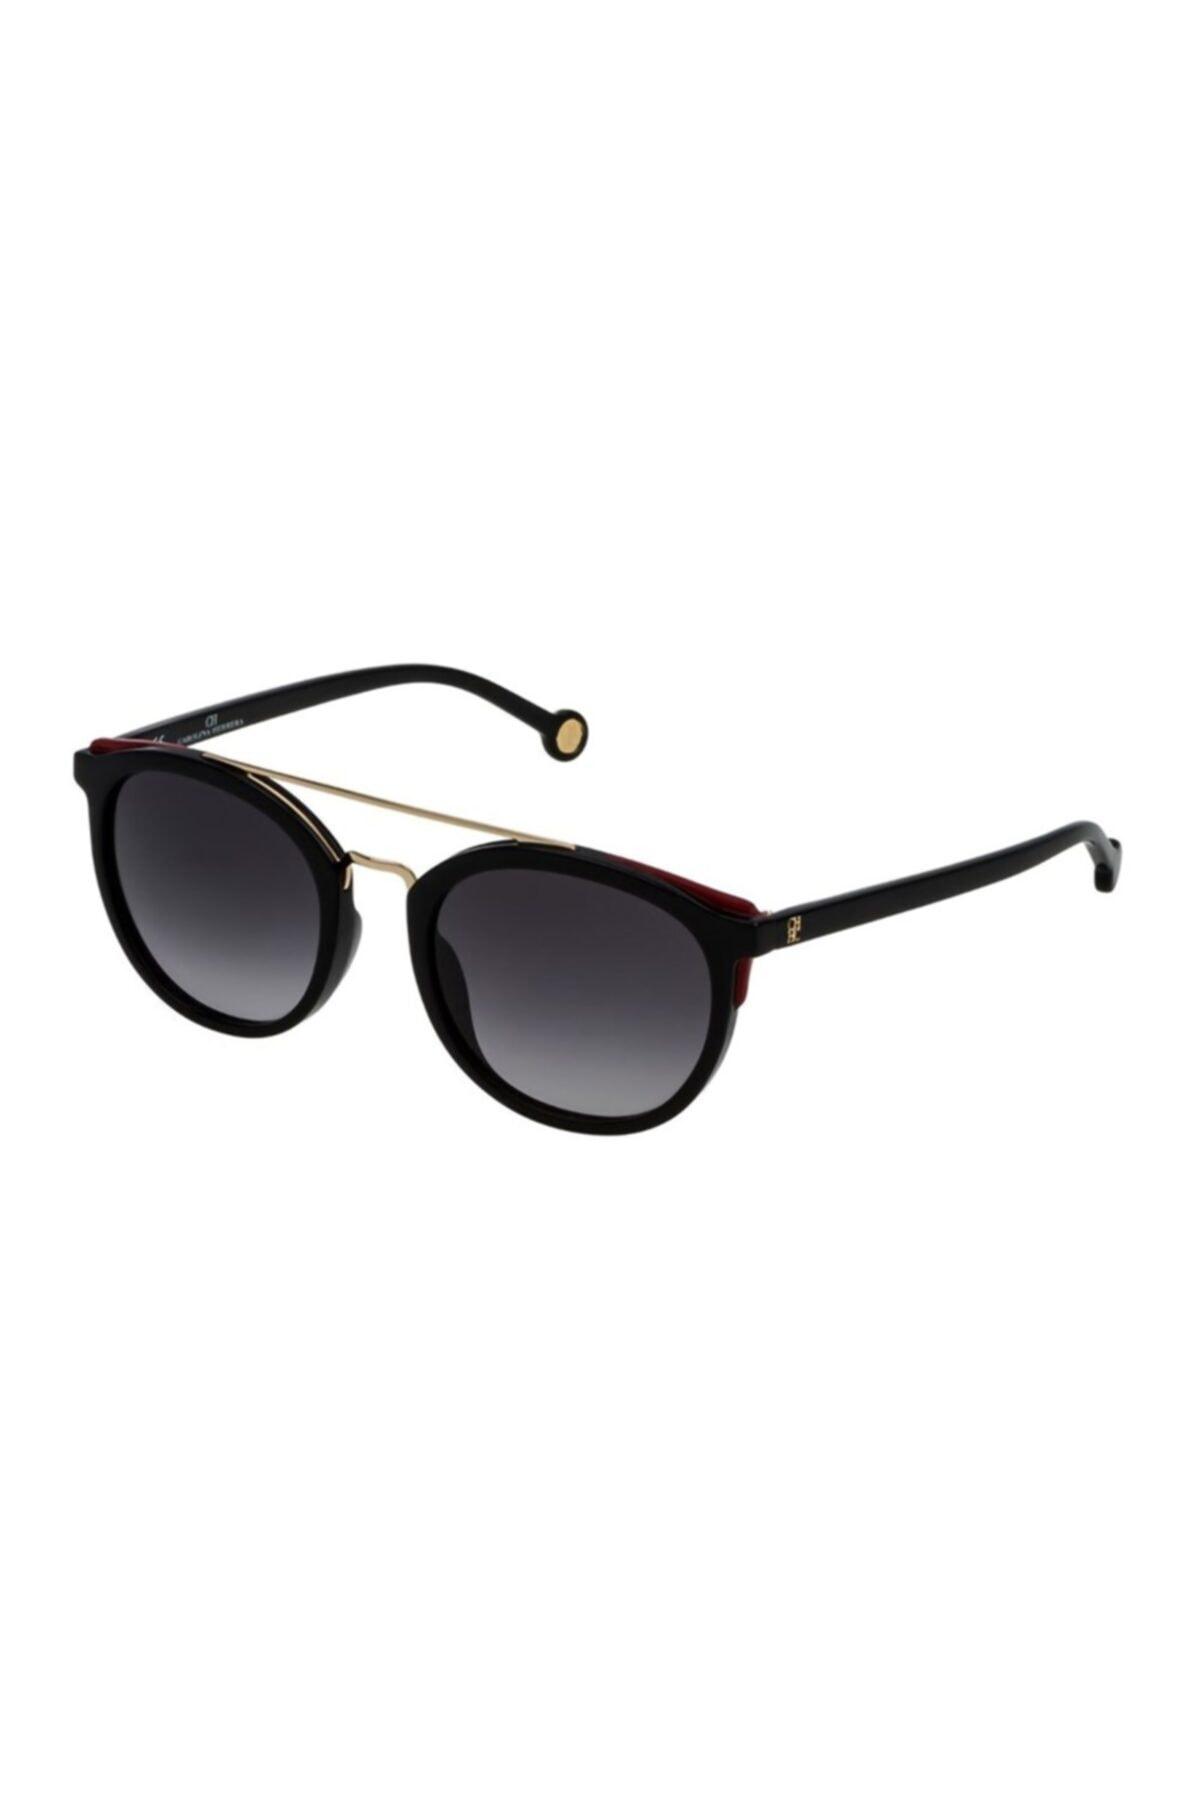 عینک آفتابی زنانه طرح دار برند Carolina Herrera رنگ مشکی کد ty67943296